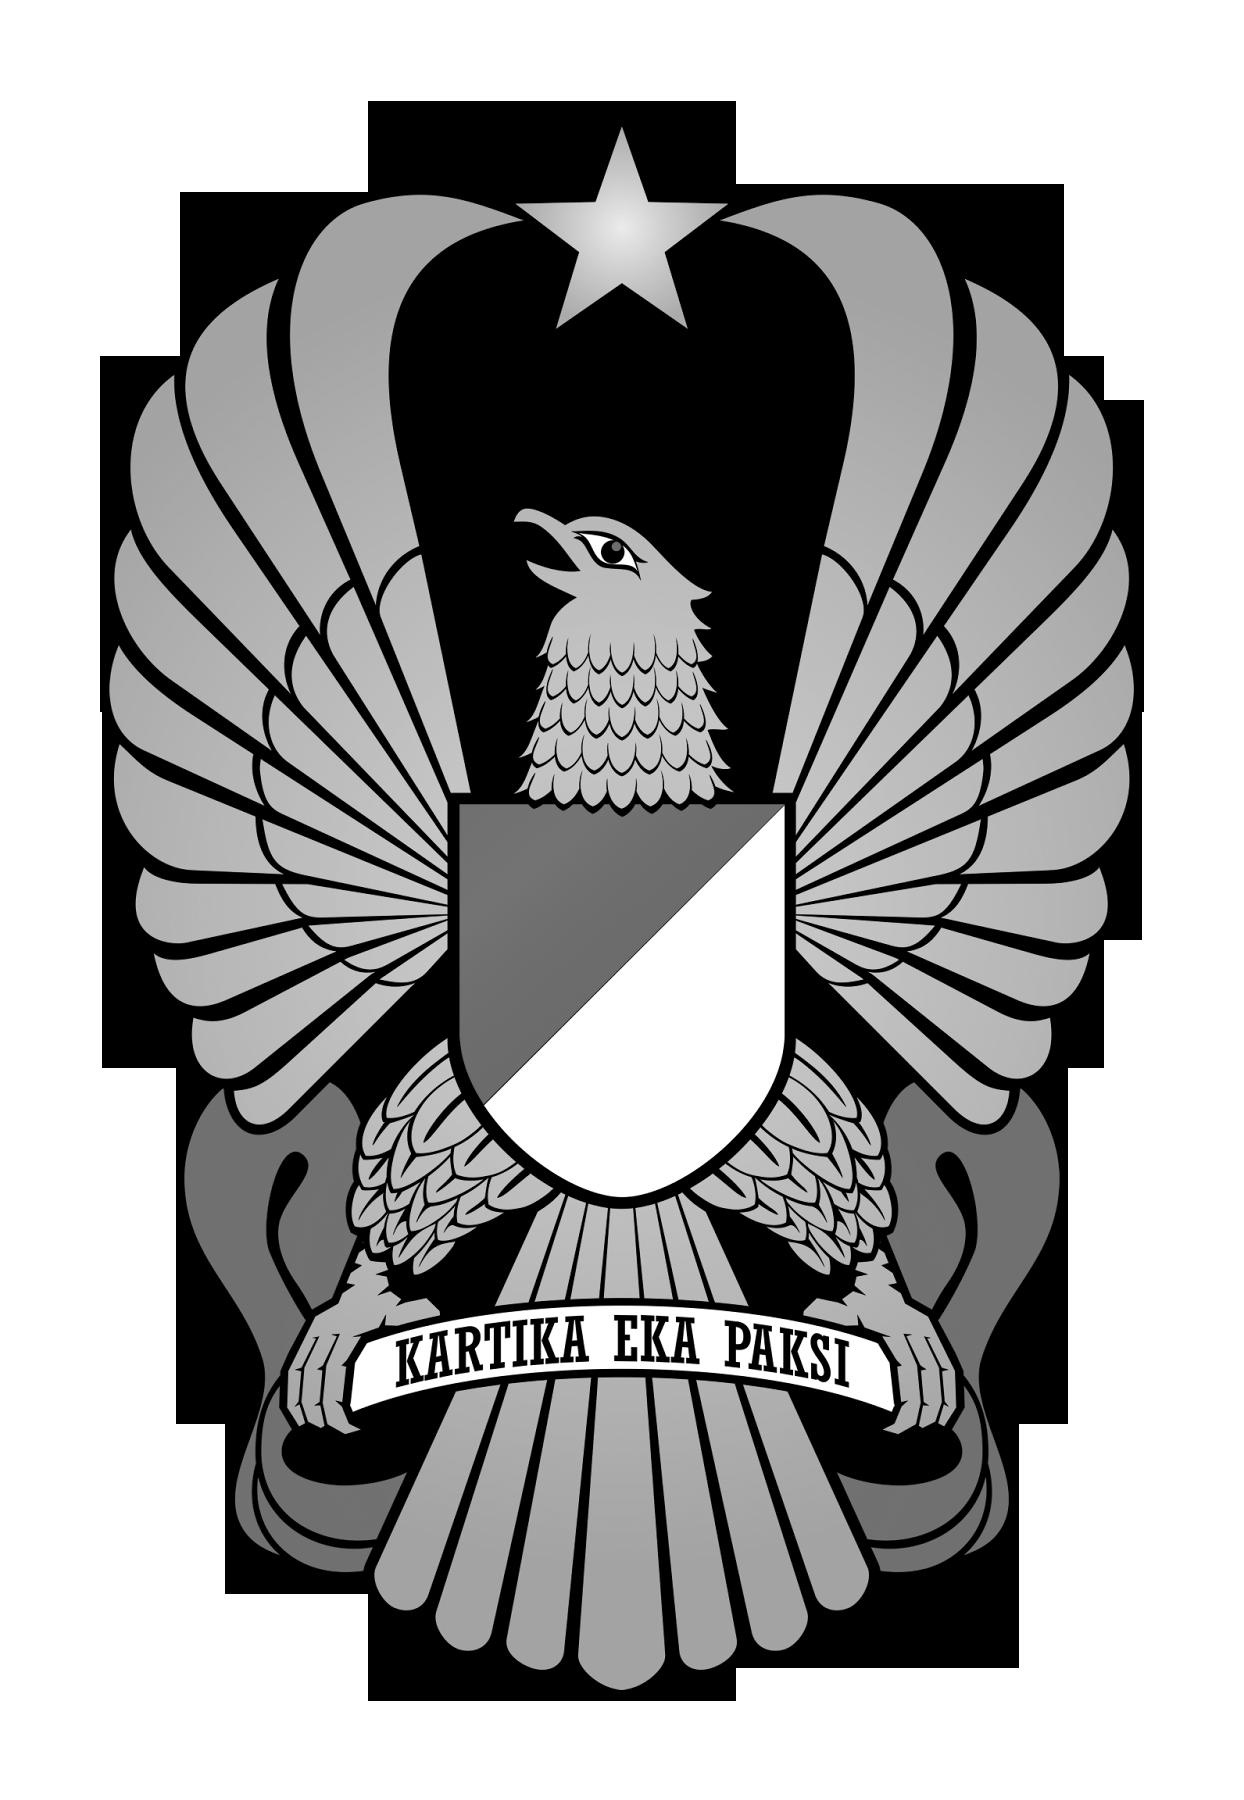 Logo TNI AD (Tentara Negara Indonesia Angkatan Darat) Hitam Putih